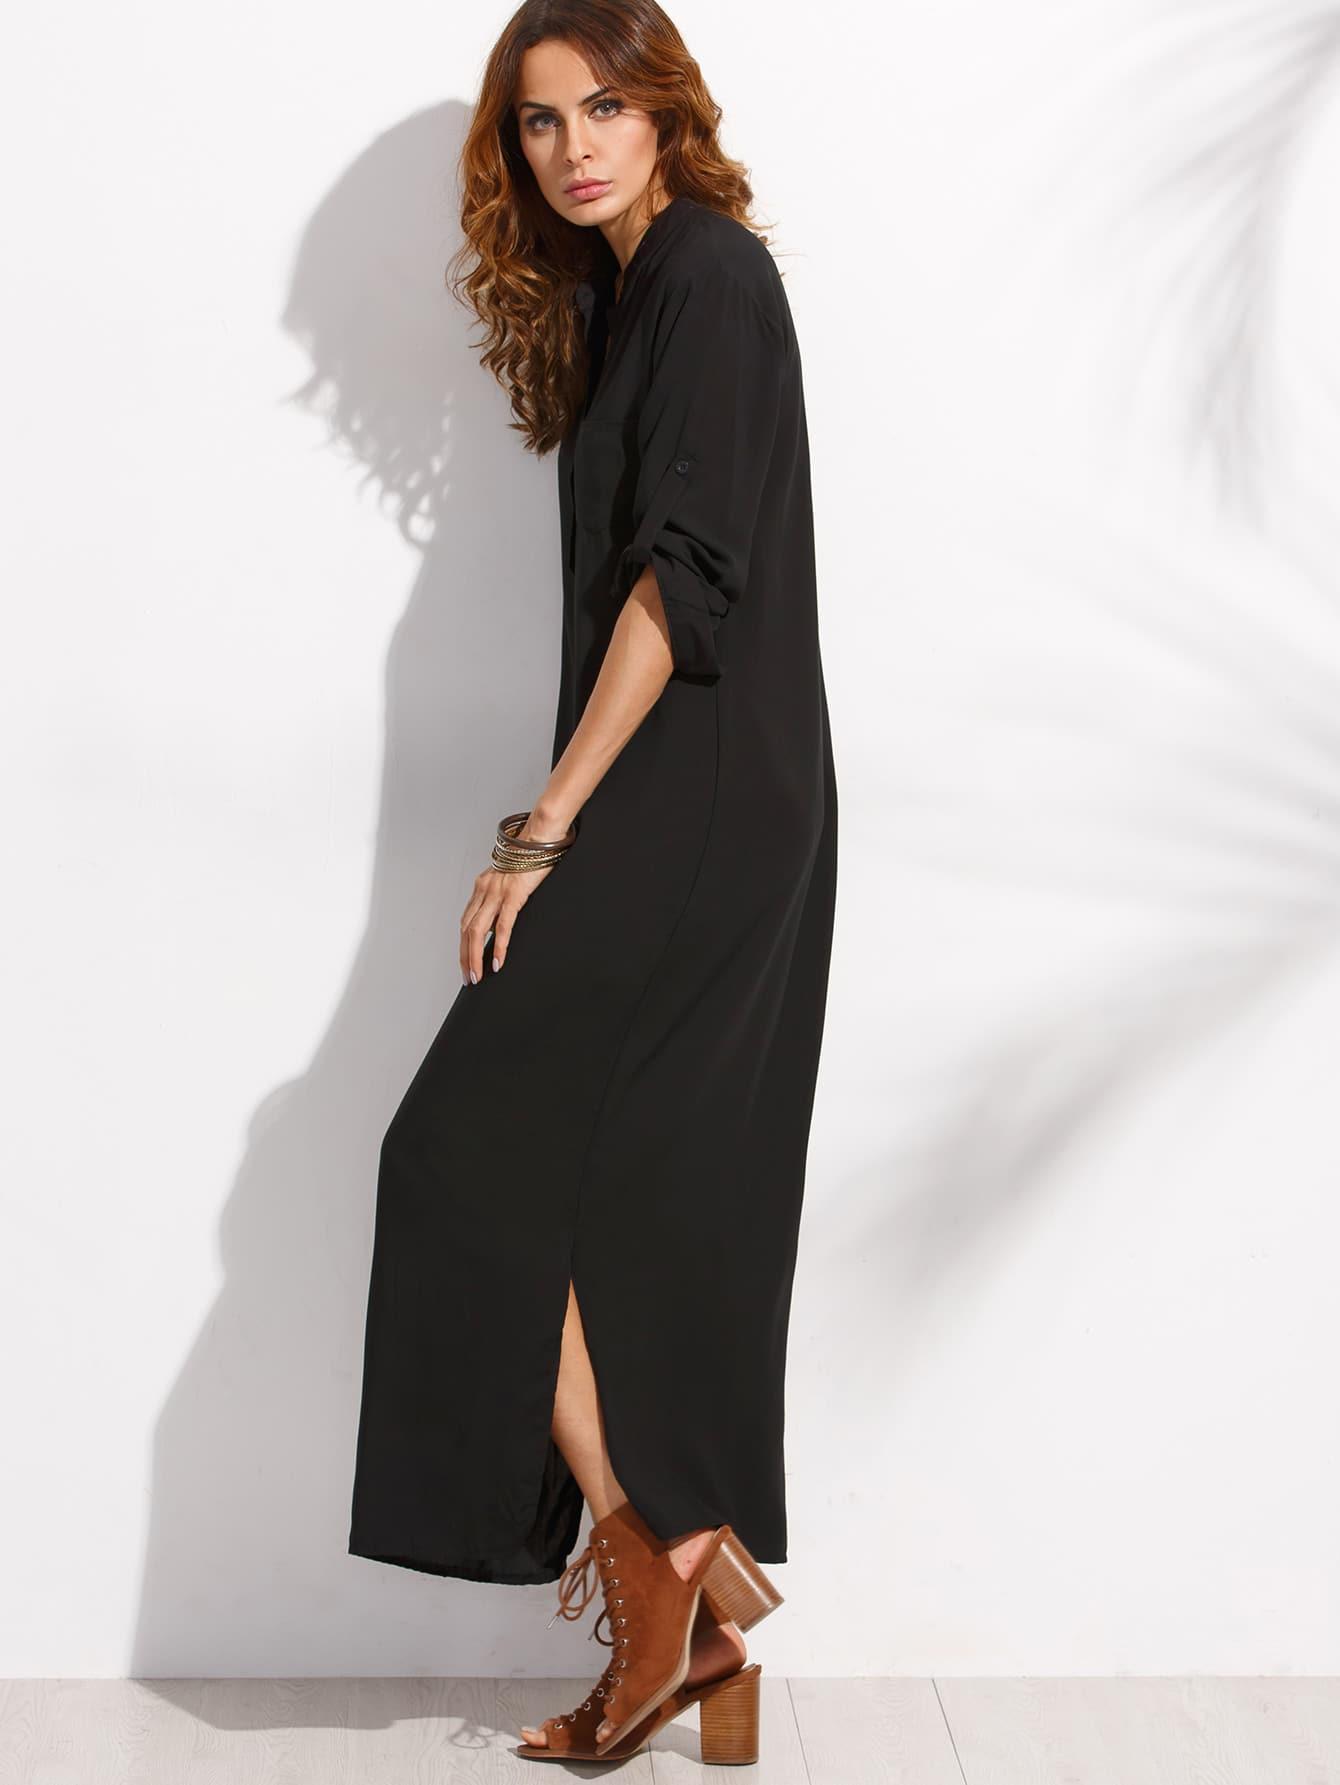 Black maxi jersey dress